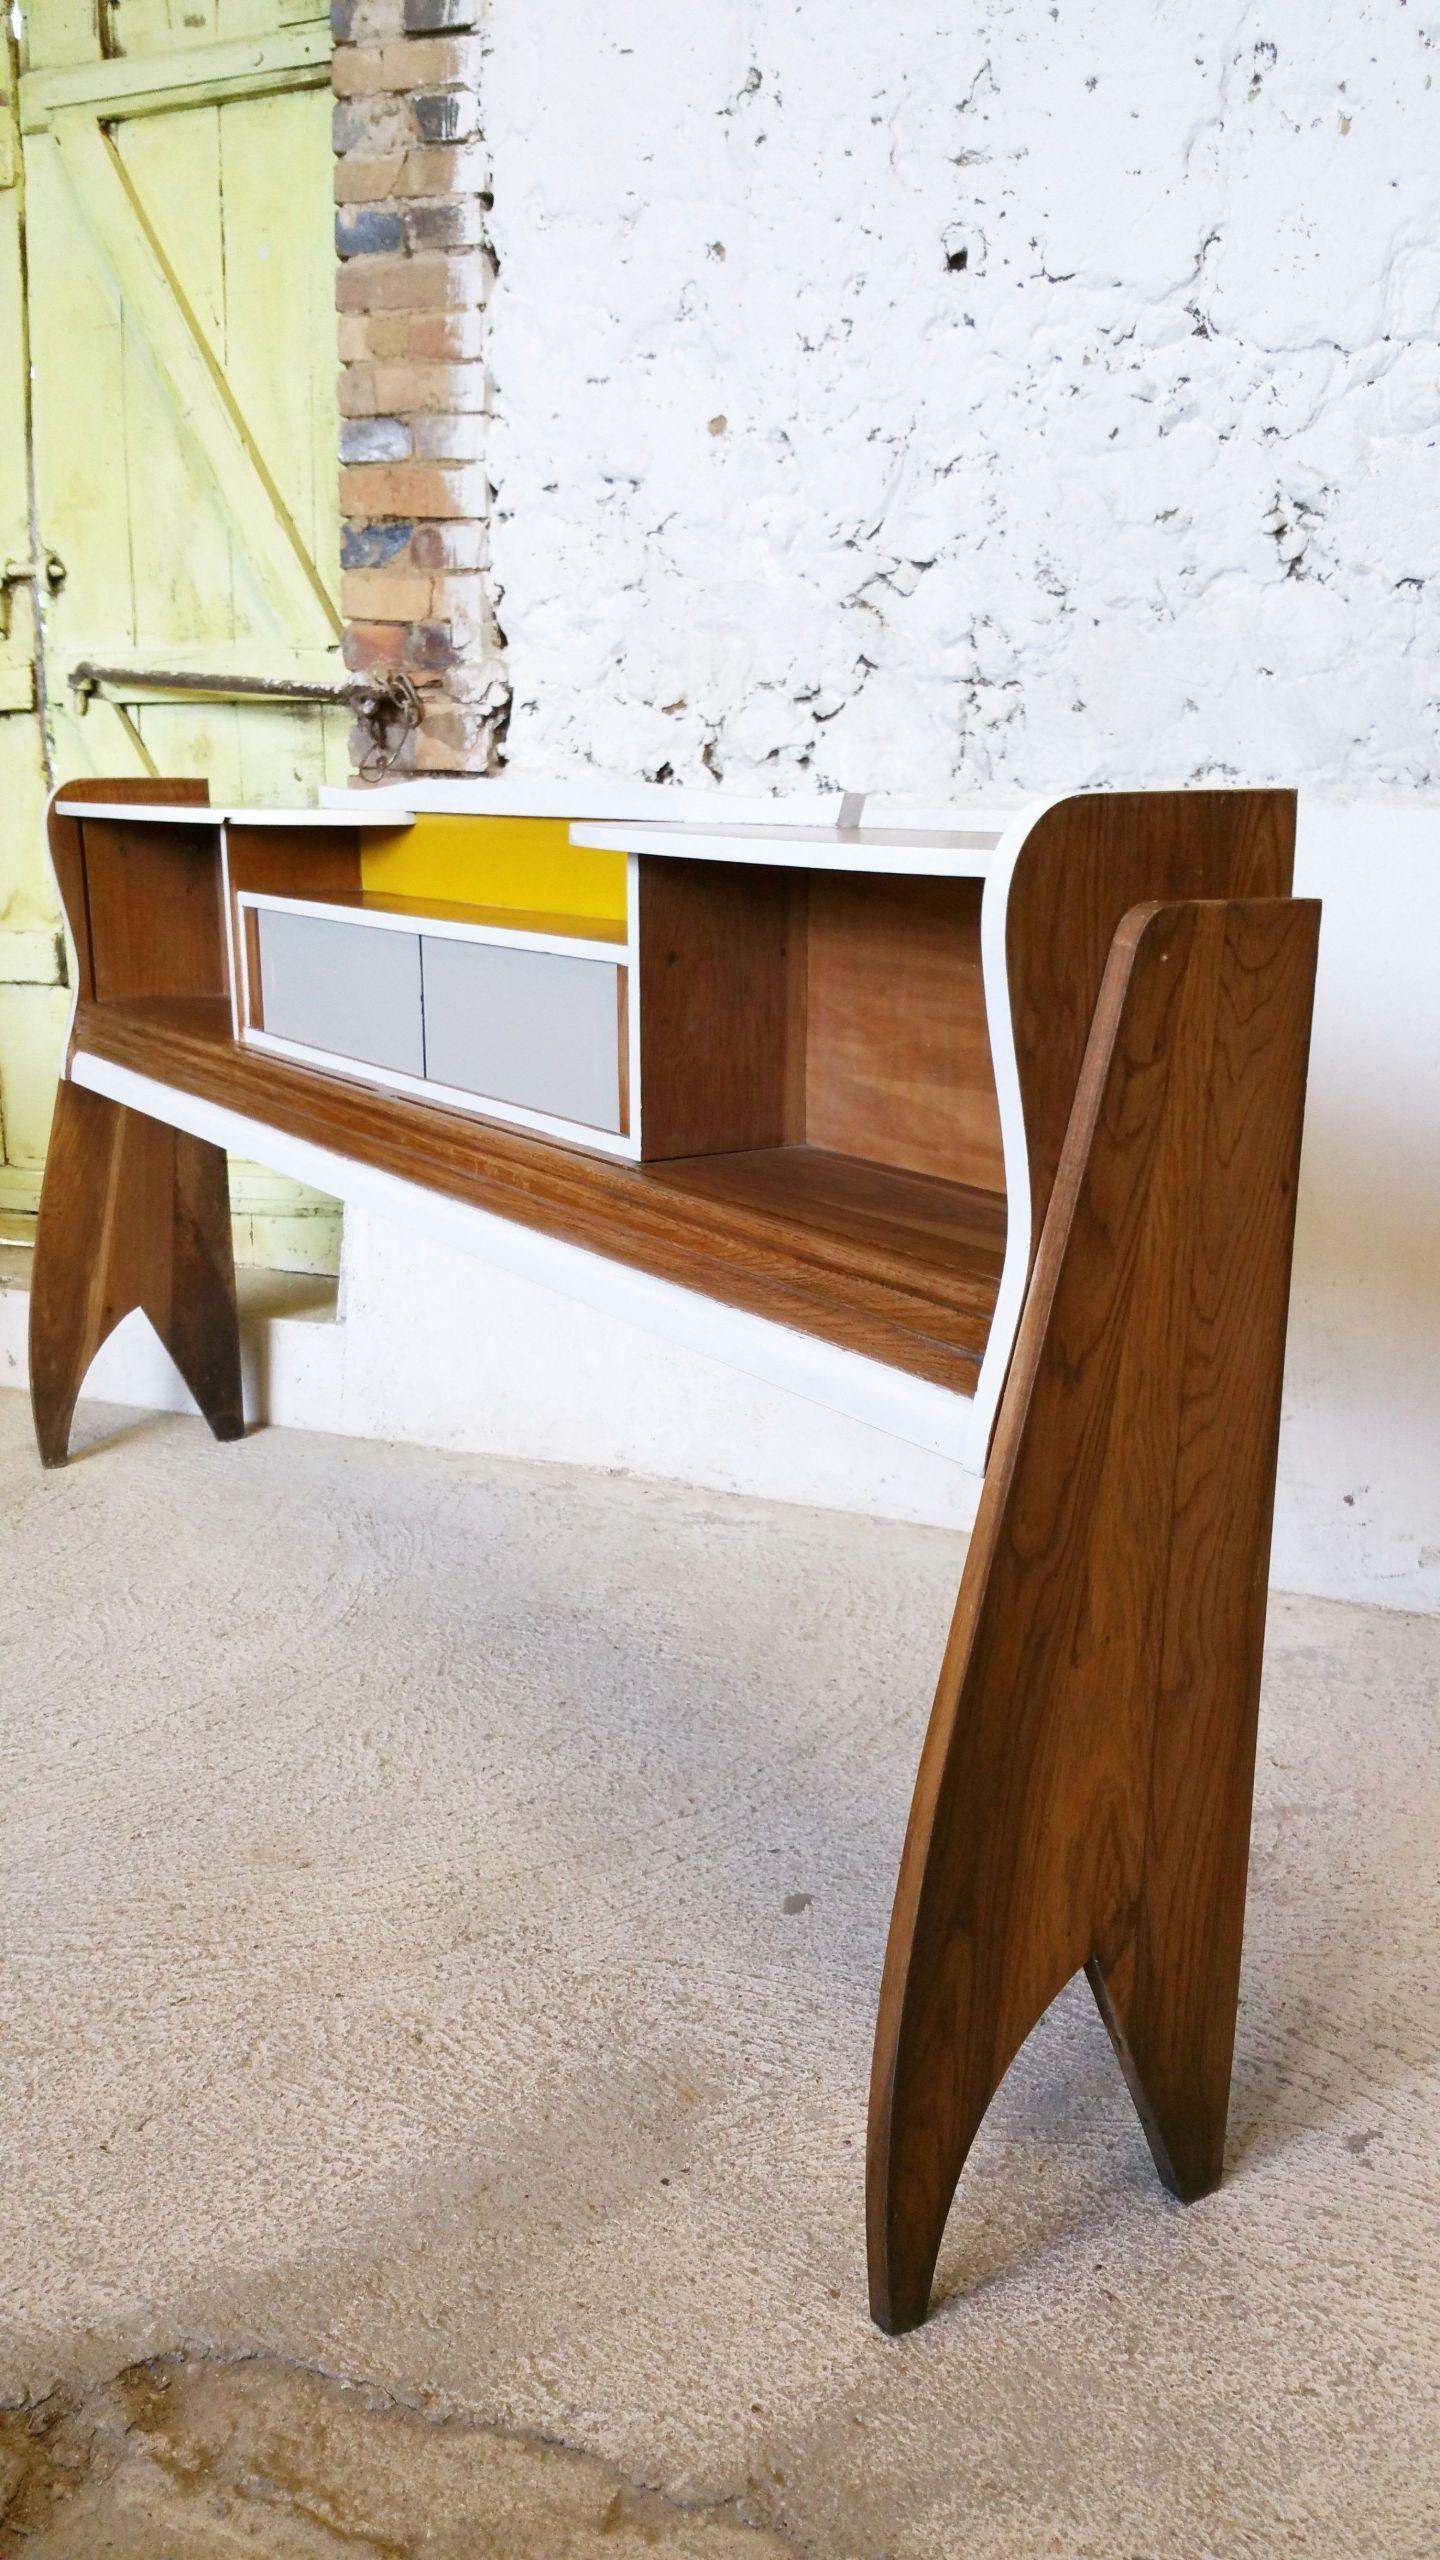 faire un meuble en bois 21 fabriquer meuble bois of faire un meuble en bois